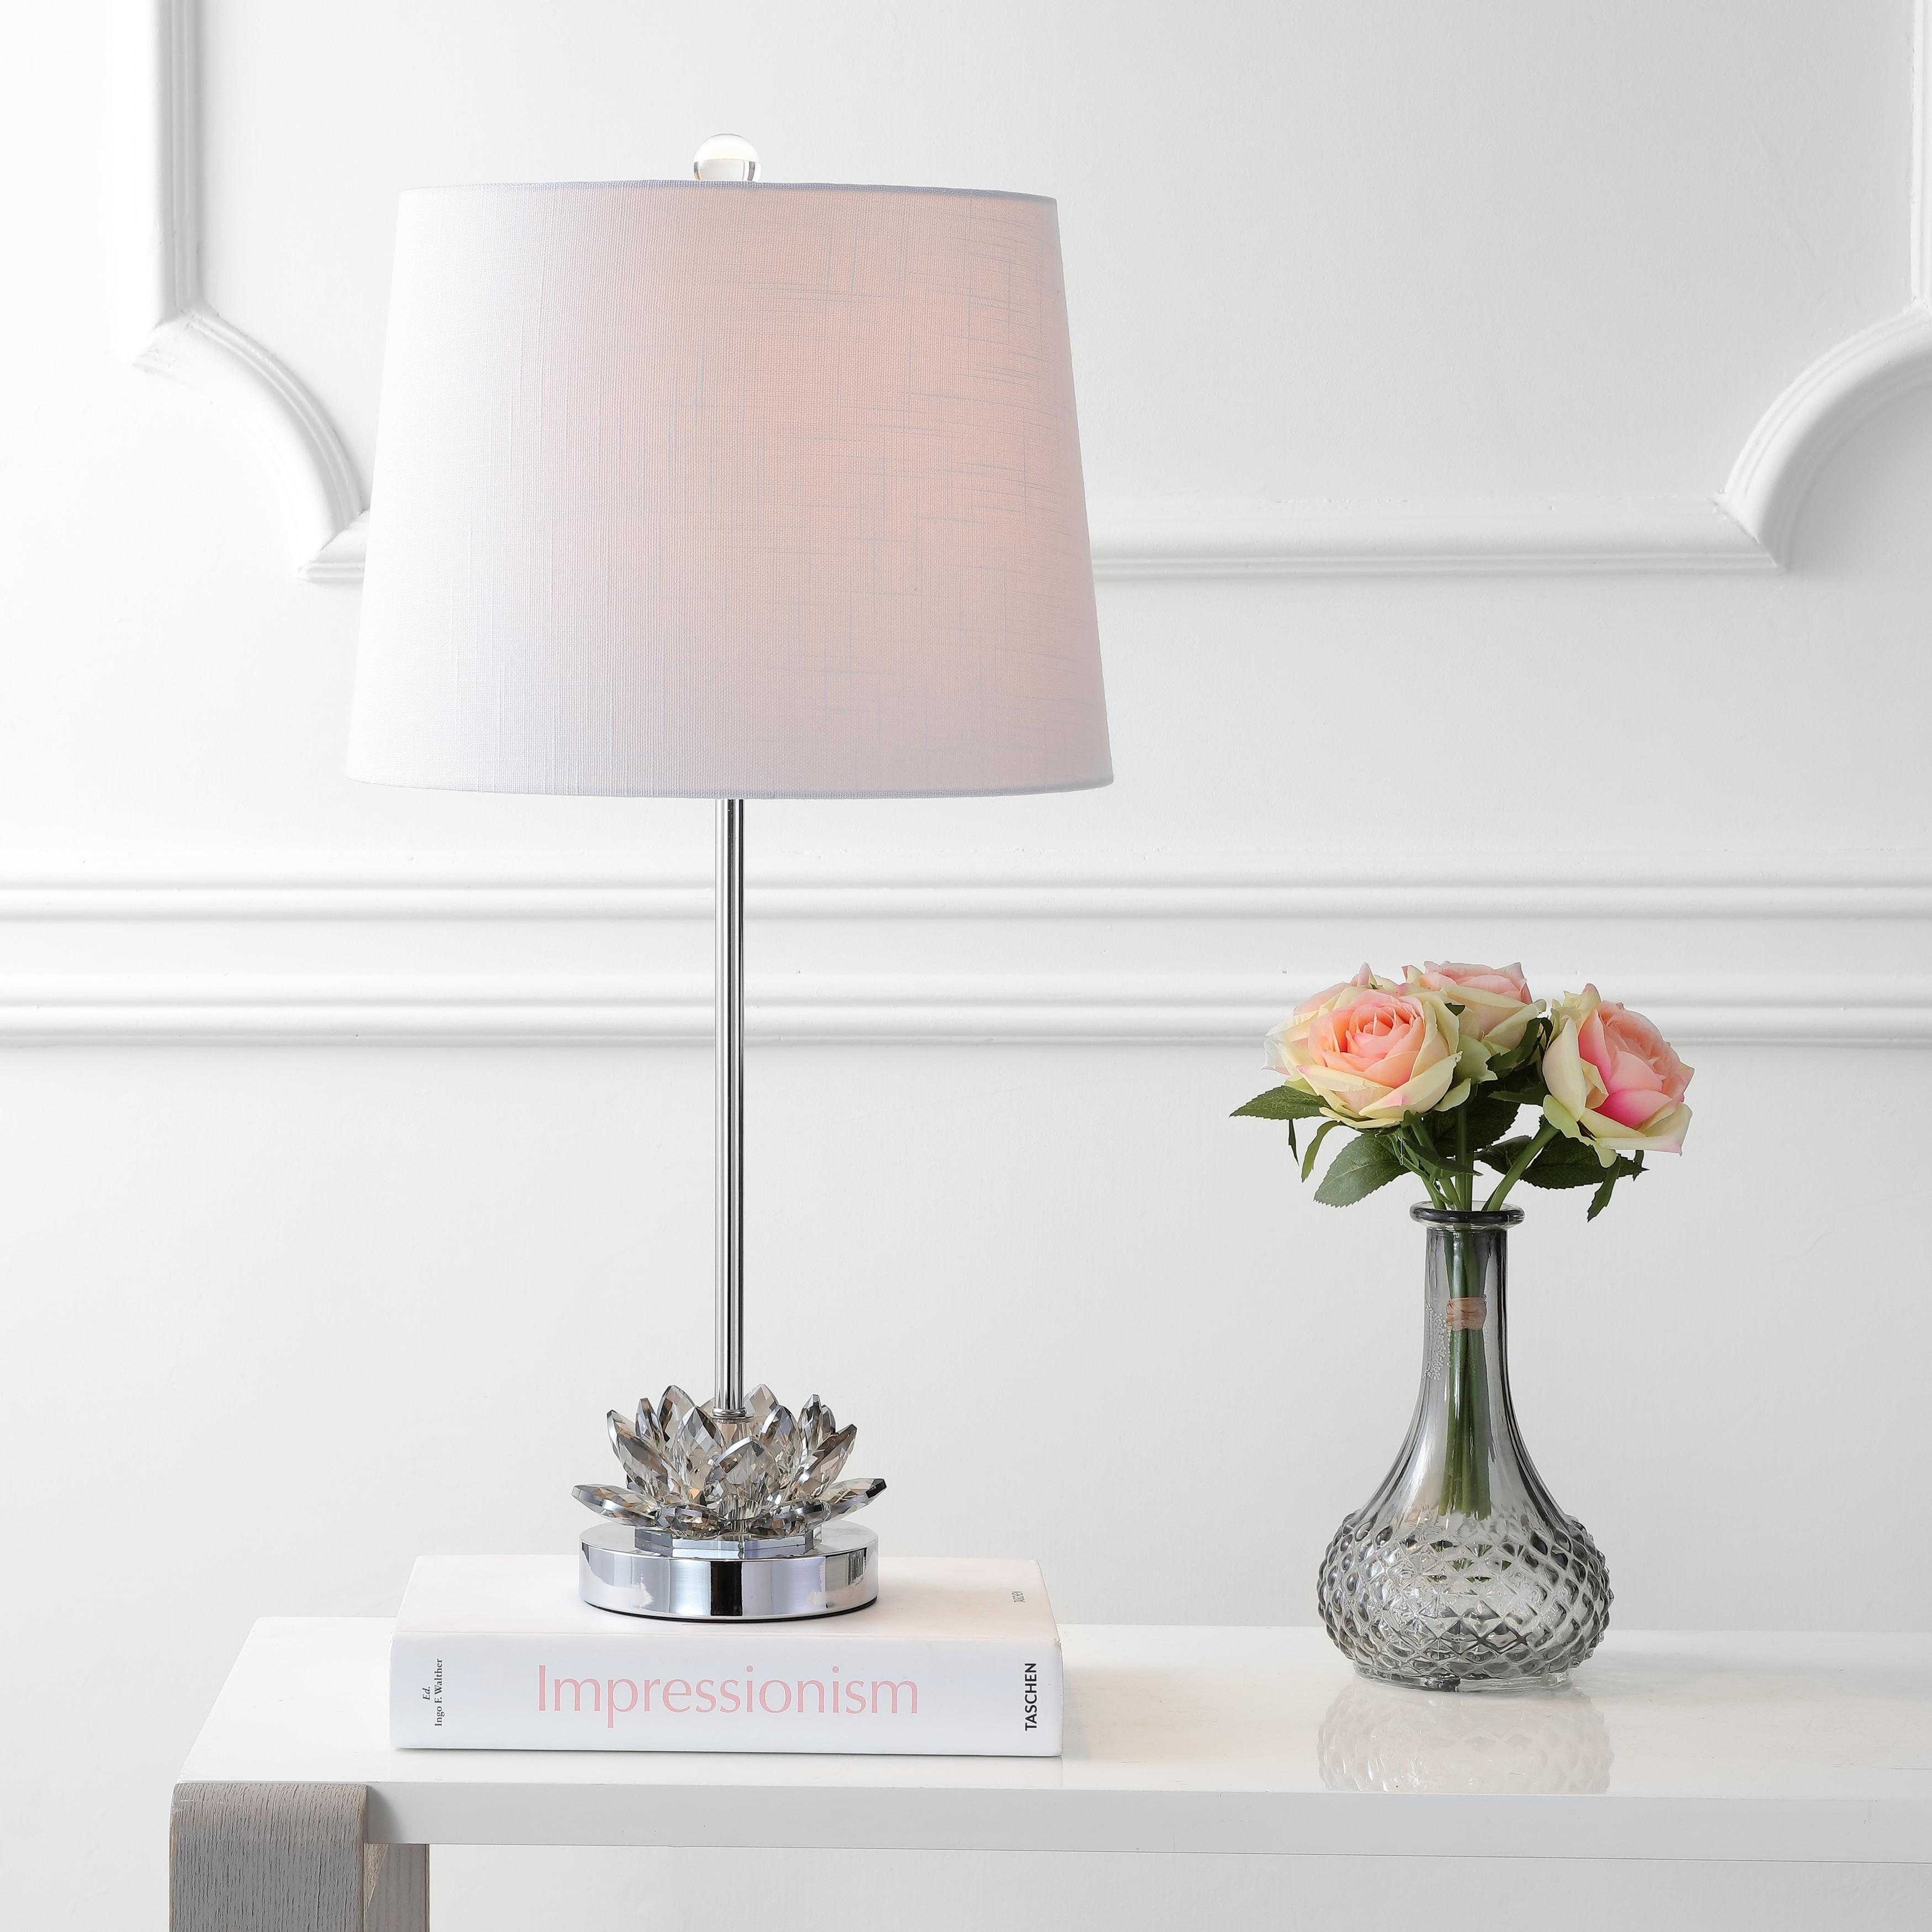 Amelia Lotus 25 Crystal Led Table Lamp Smoke Gray Chrome By Jonathan Y Overstock 20175495